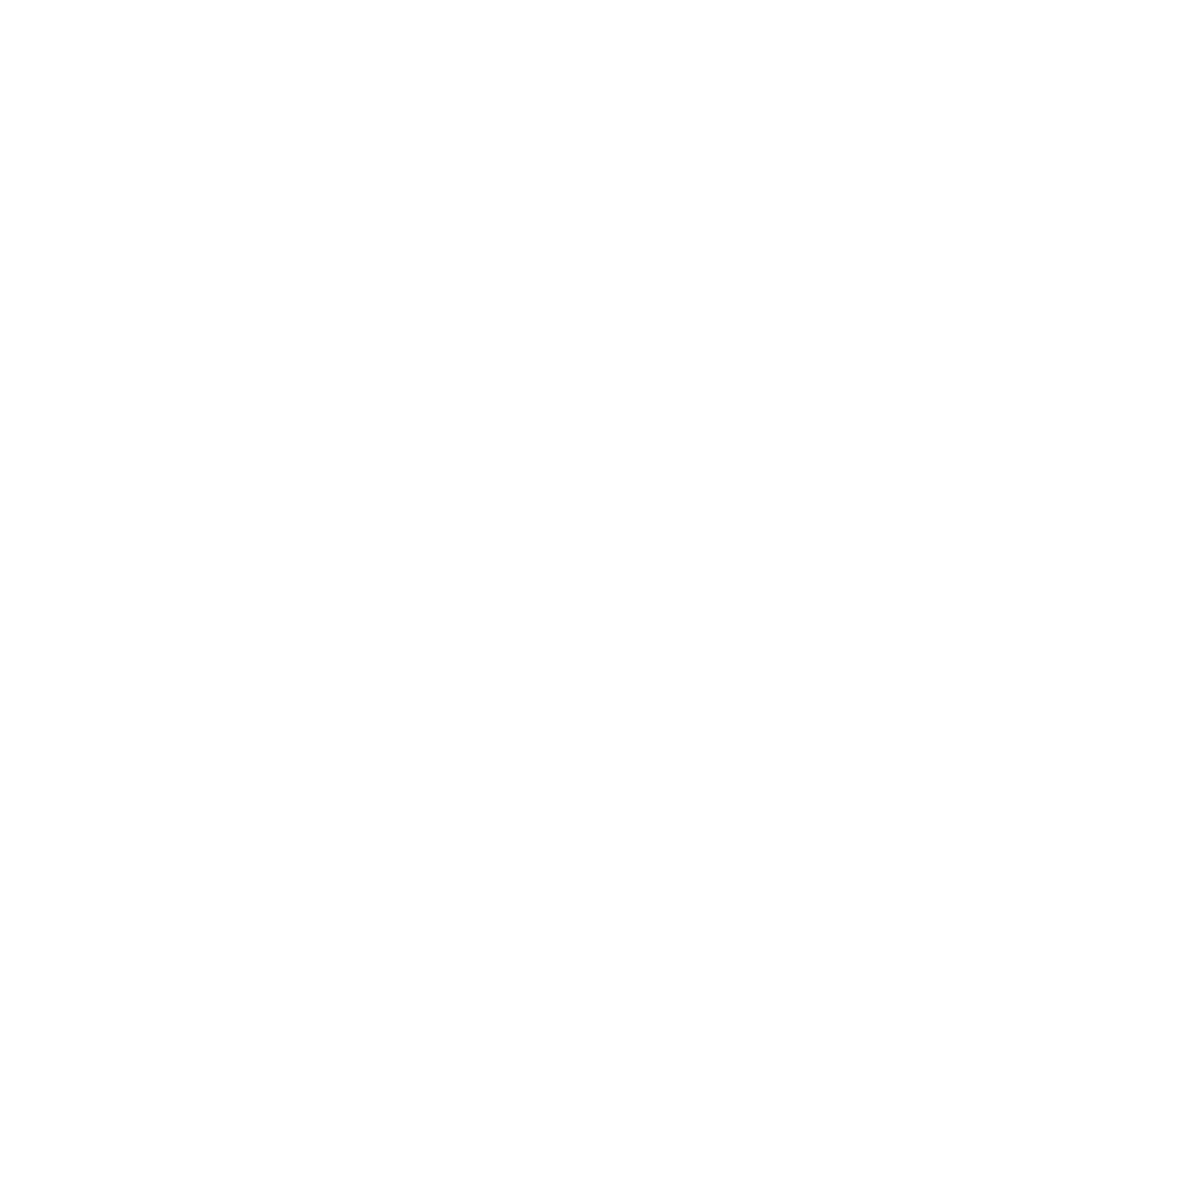 plavi oglasnik osobni kontakti split